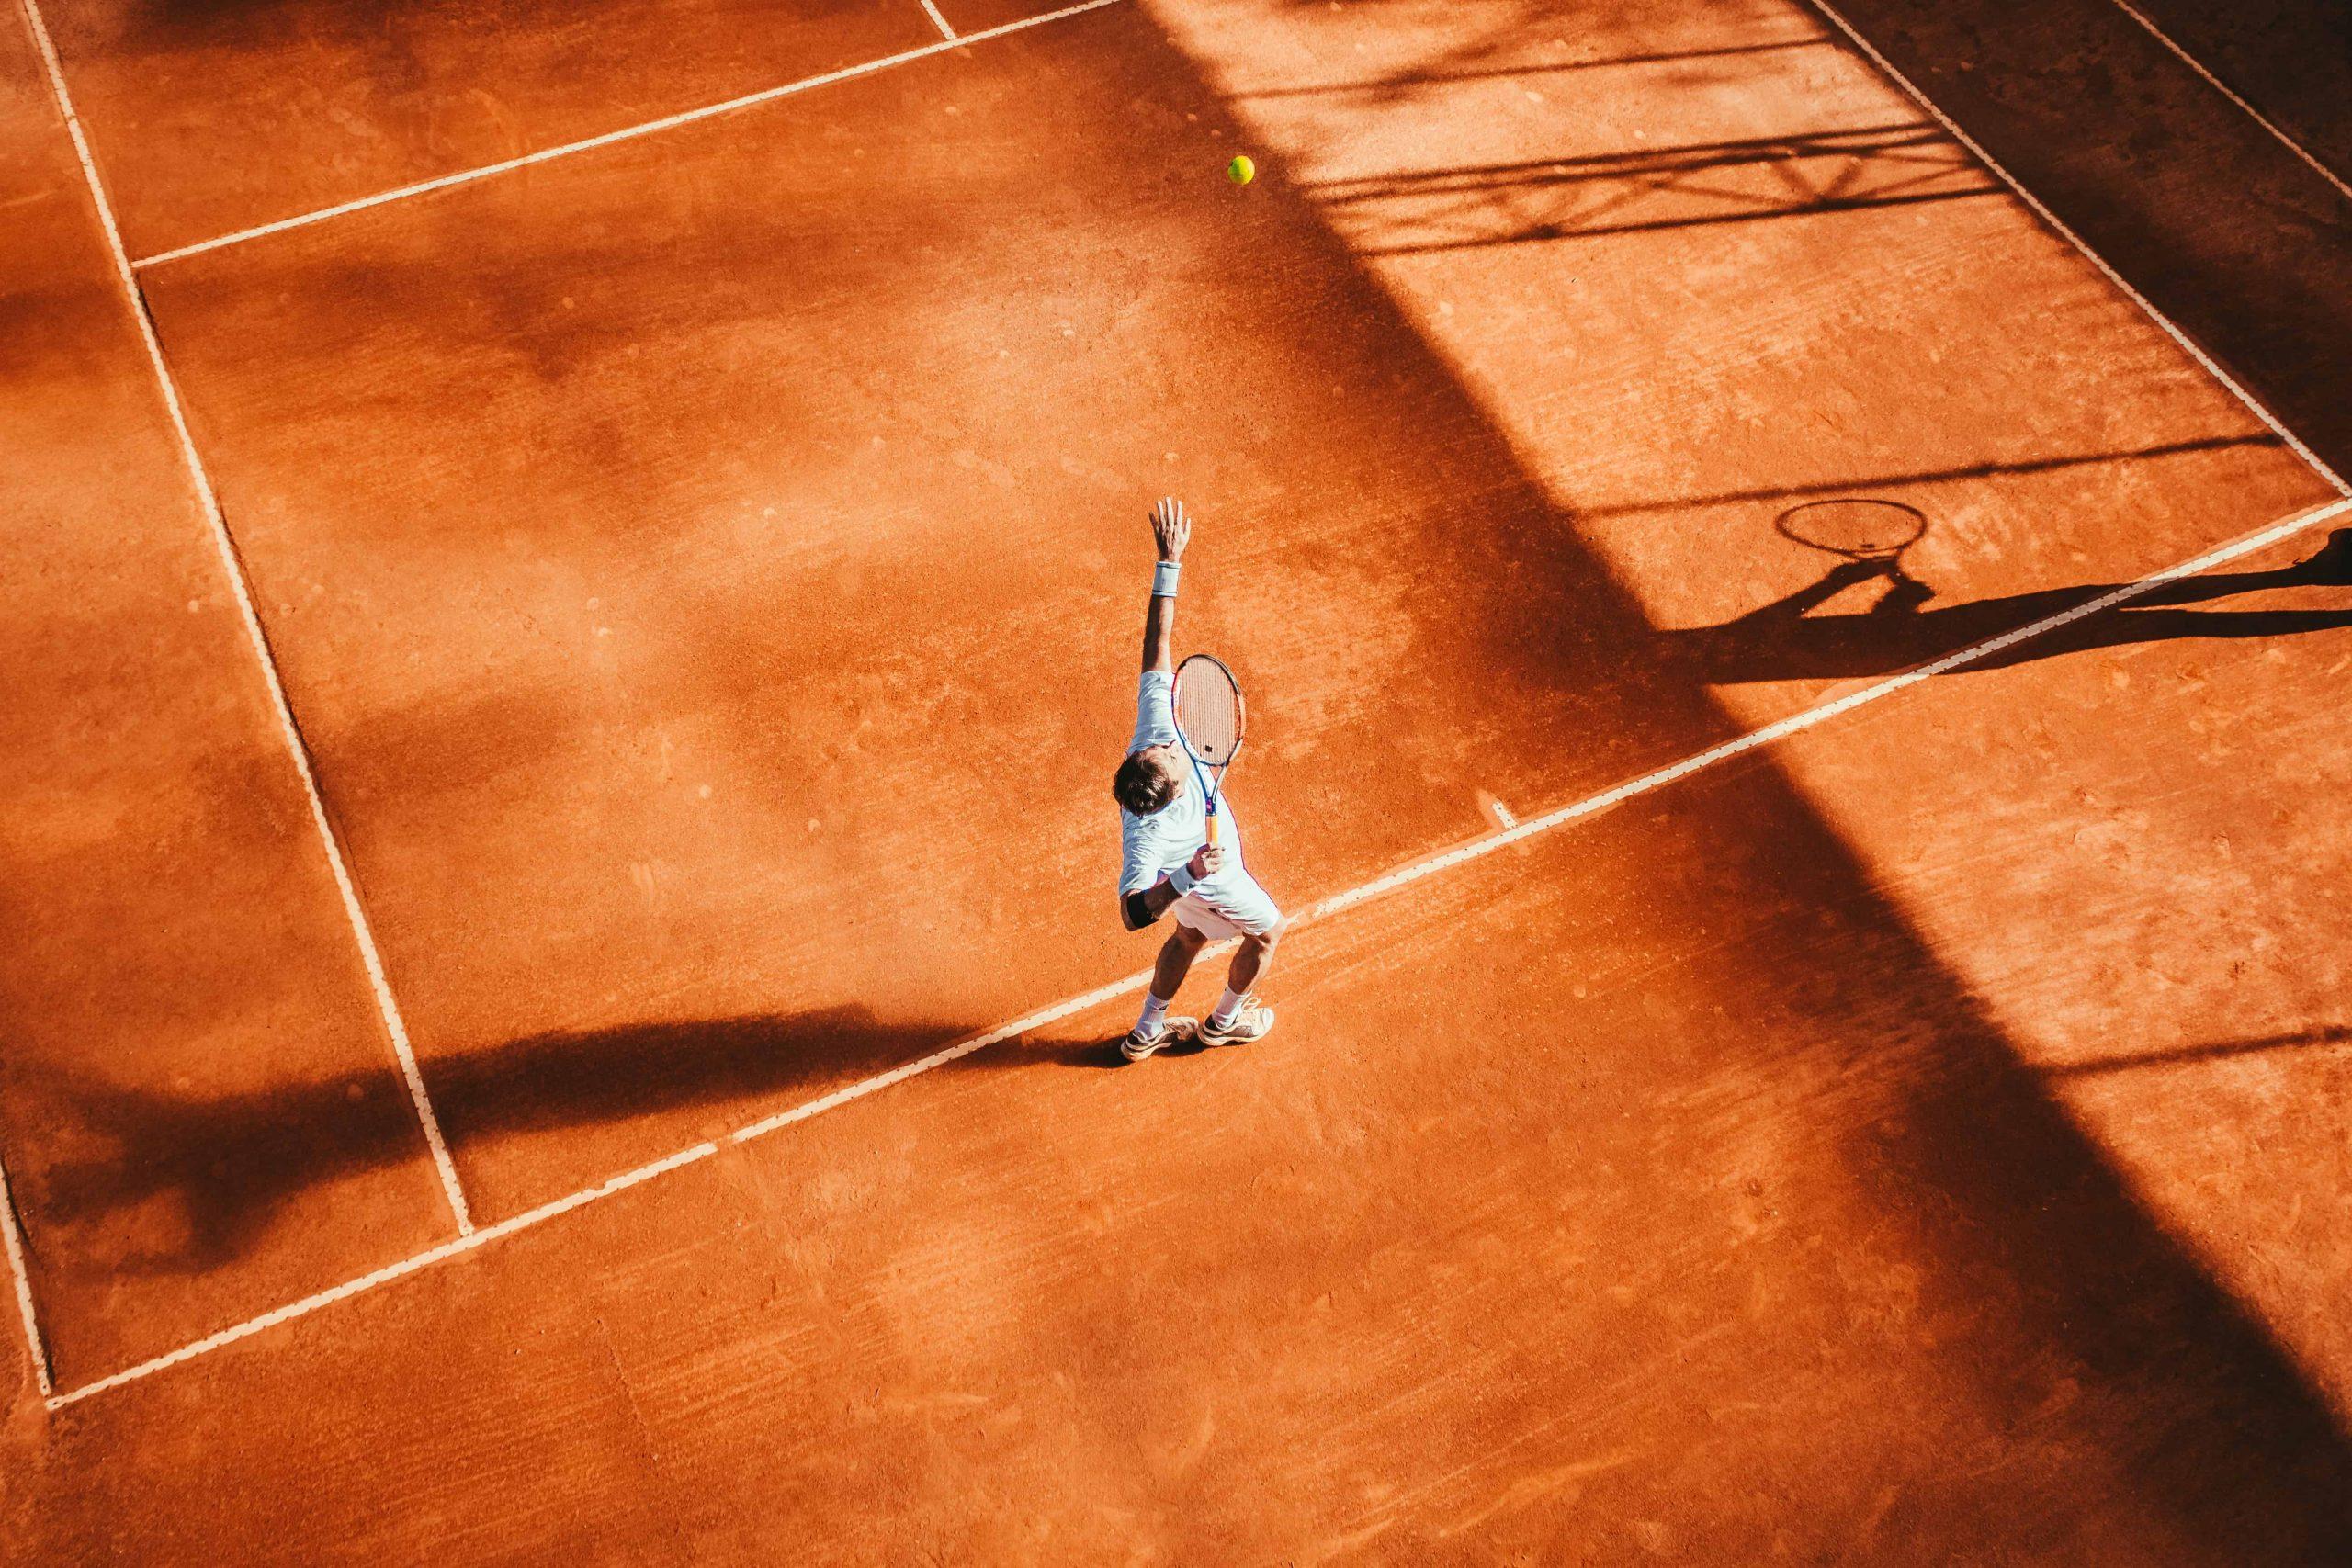 Beste Tennisrackets: Winkelgids en Aanbevelingen (09/21)